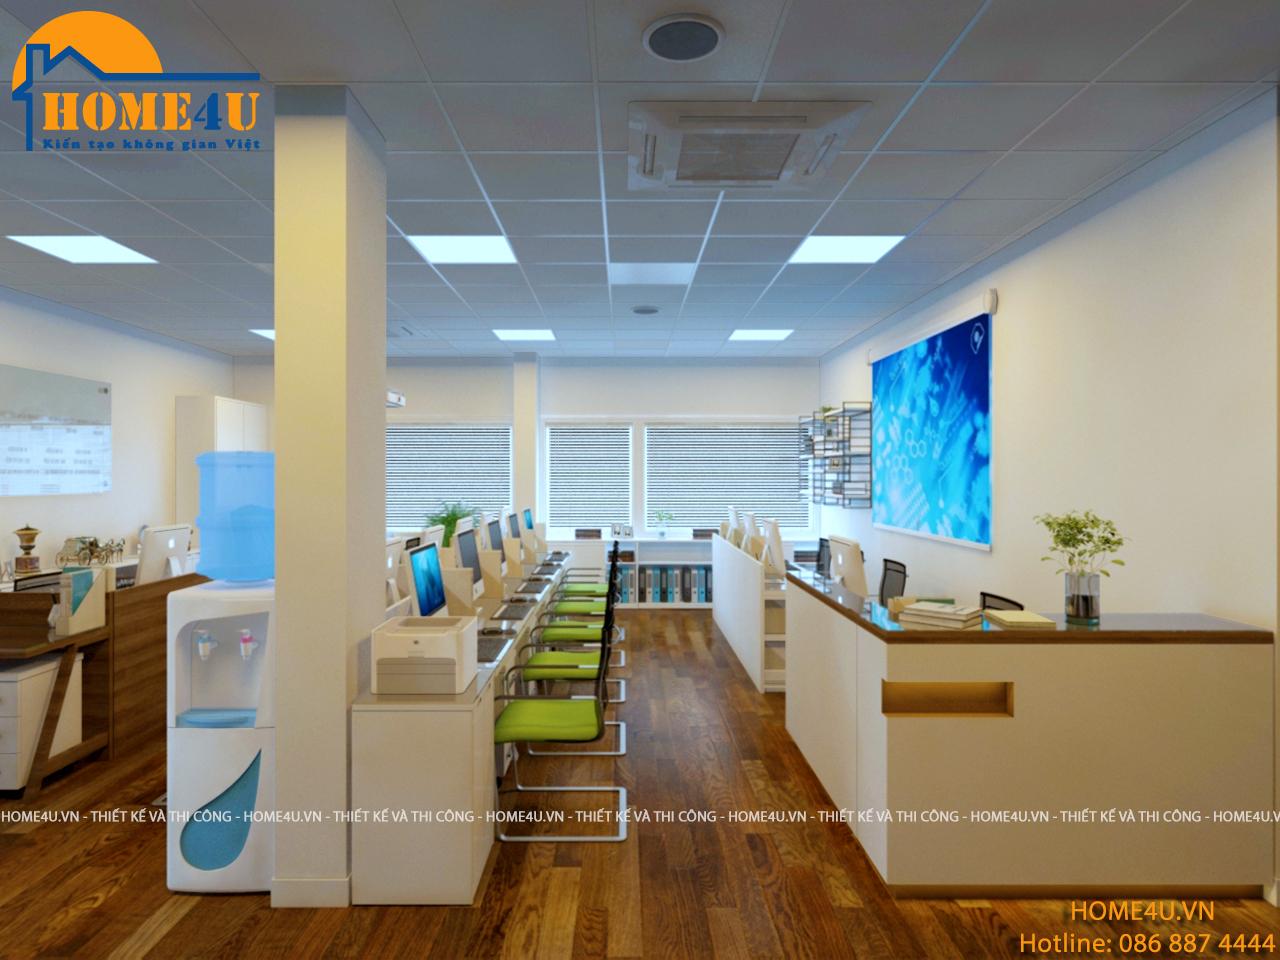 Mẫu thiết kế nội thất văn phòng hiện đại anh Nguyên - NTVP2005